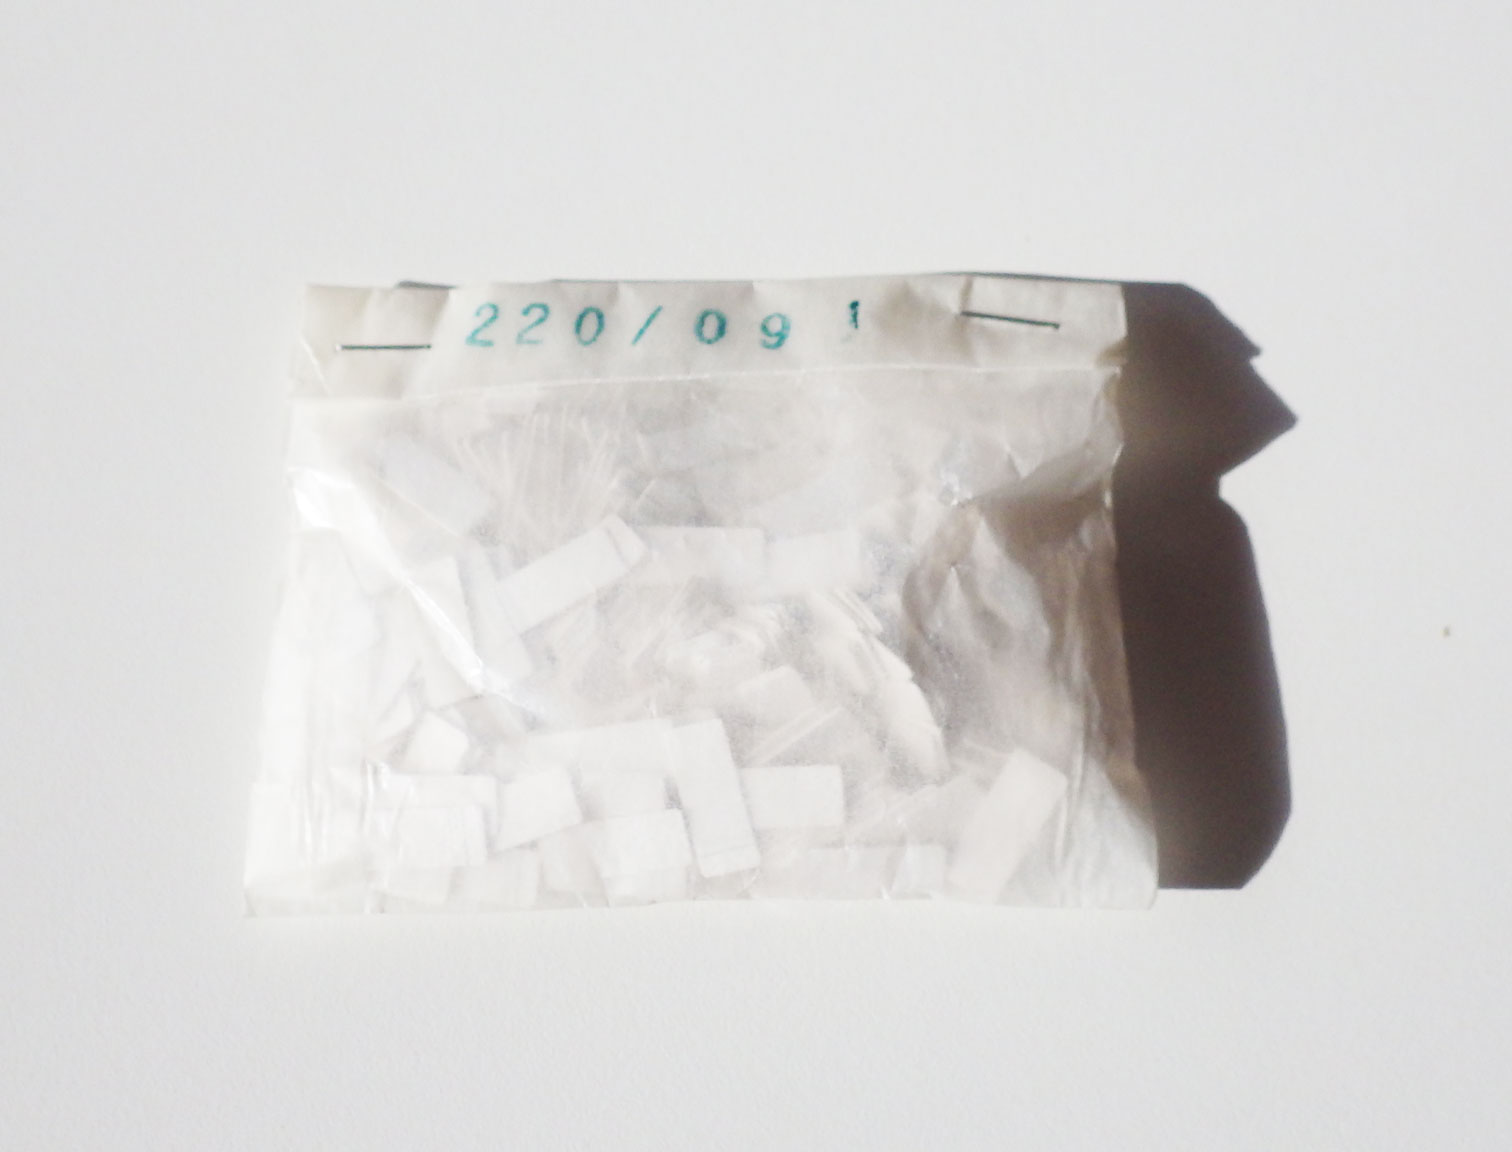 opplakkarton-OE-2